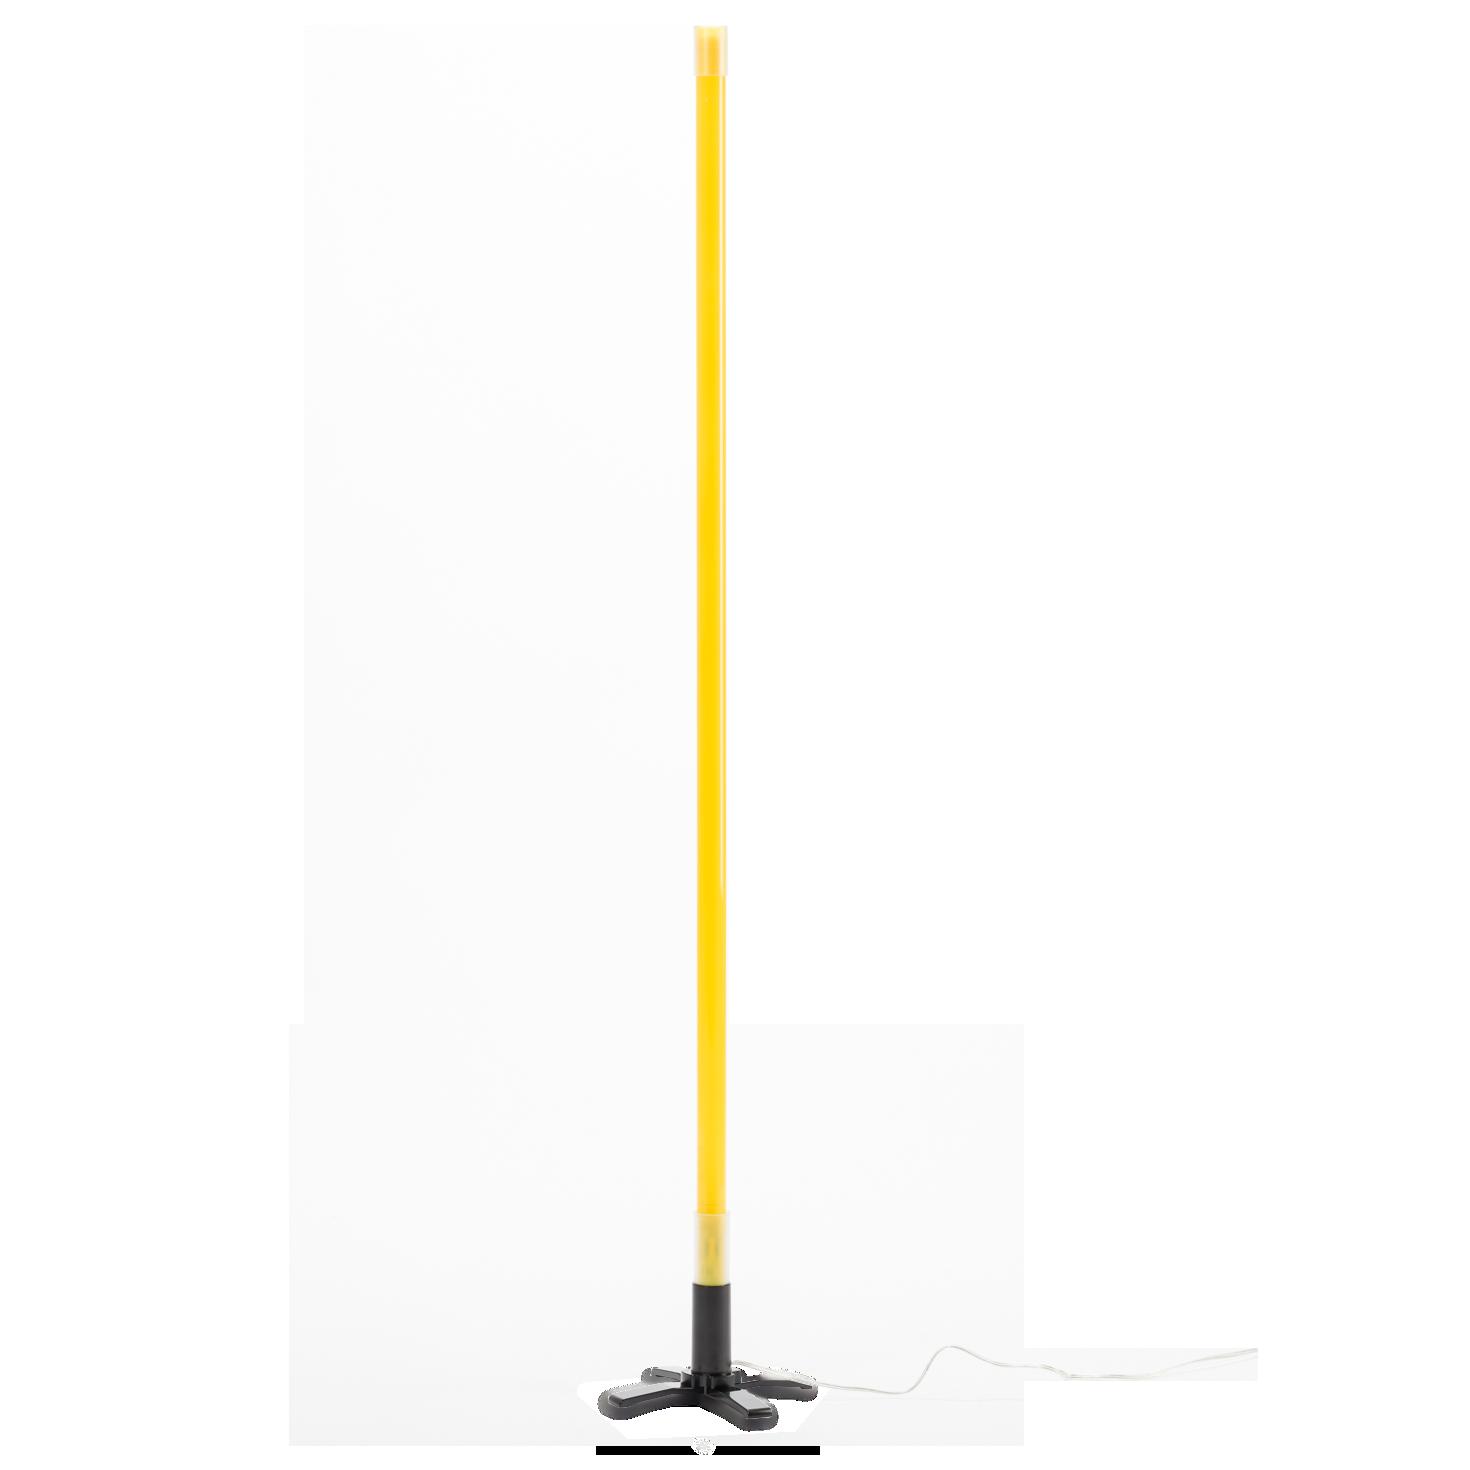 Лампочка FluobarLED-лампочки<br>Лампочка Fluobar — это практичные и привлекательные неоновые люминесцентные лампы от дизайнеров Seletti. Они могут быть помещены где угодно, как в горизонтальном, так и в вертикальном положениях. Прекрасное дизайнерское решение, которое отметит ваш стиль.<br><br><br><br><br><br><br> Лампочки Fluobar доступны в различных ярких цветах.<br><br>stock: 0<br>Высота: 140<br>Материал абажура: Стекло<br>Цвет абажура: Желтый